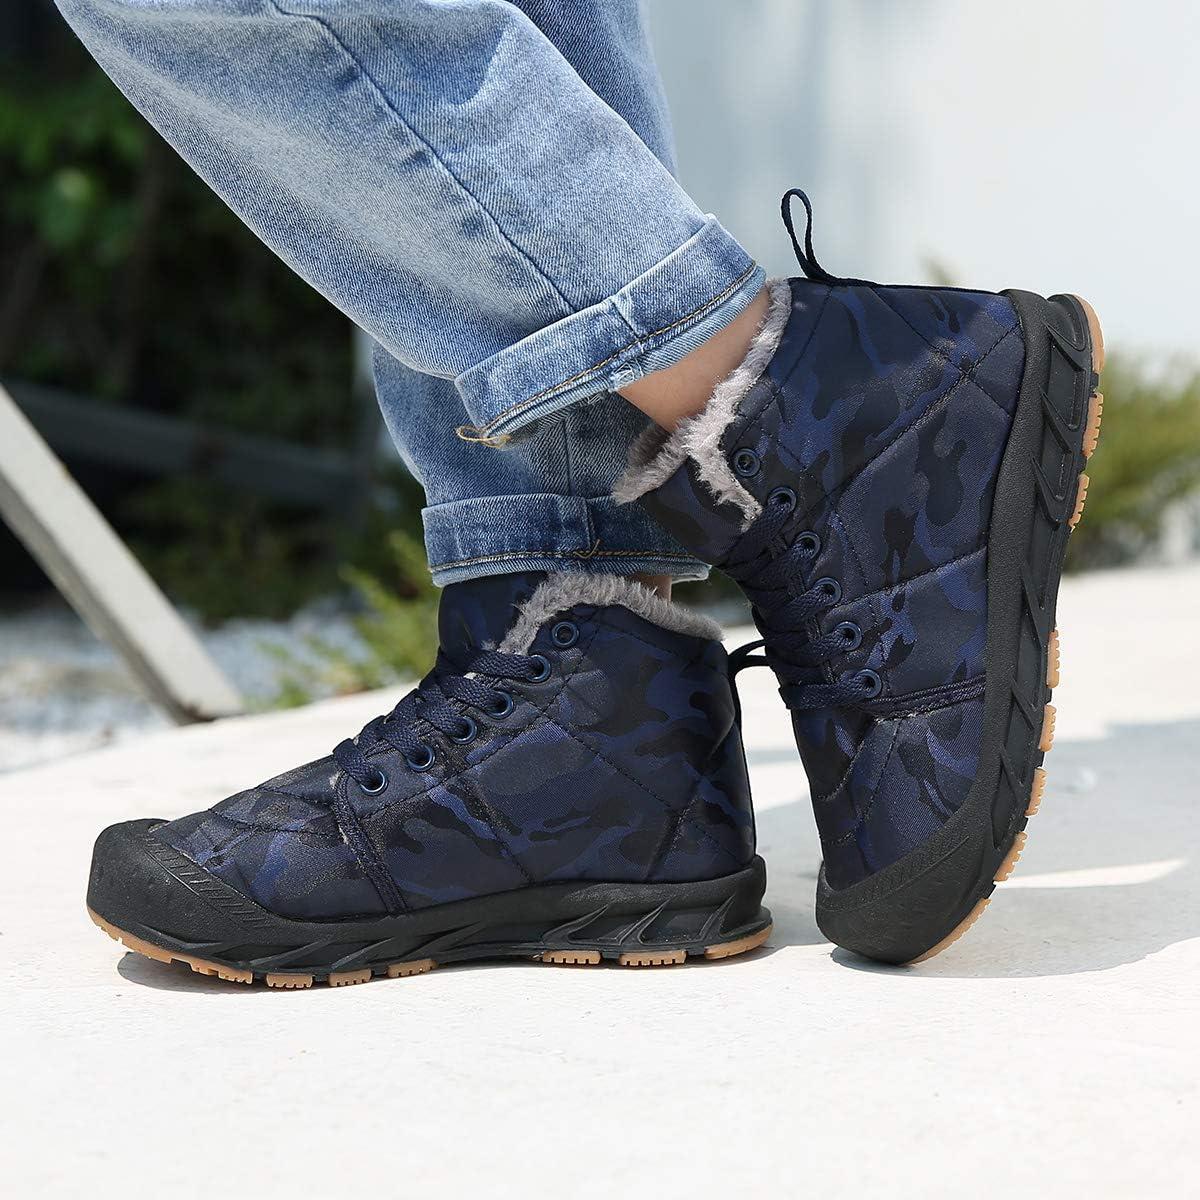 Nishiguang Kids Winter Snow Boots High